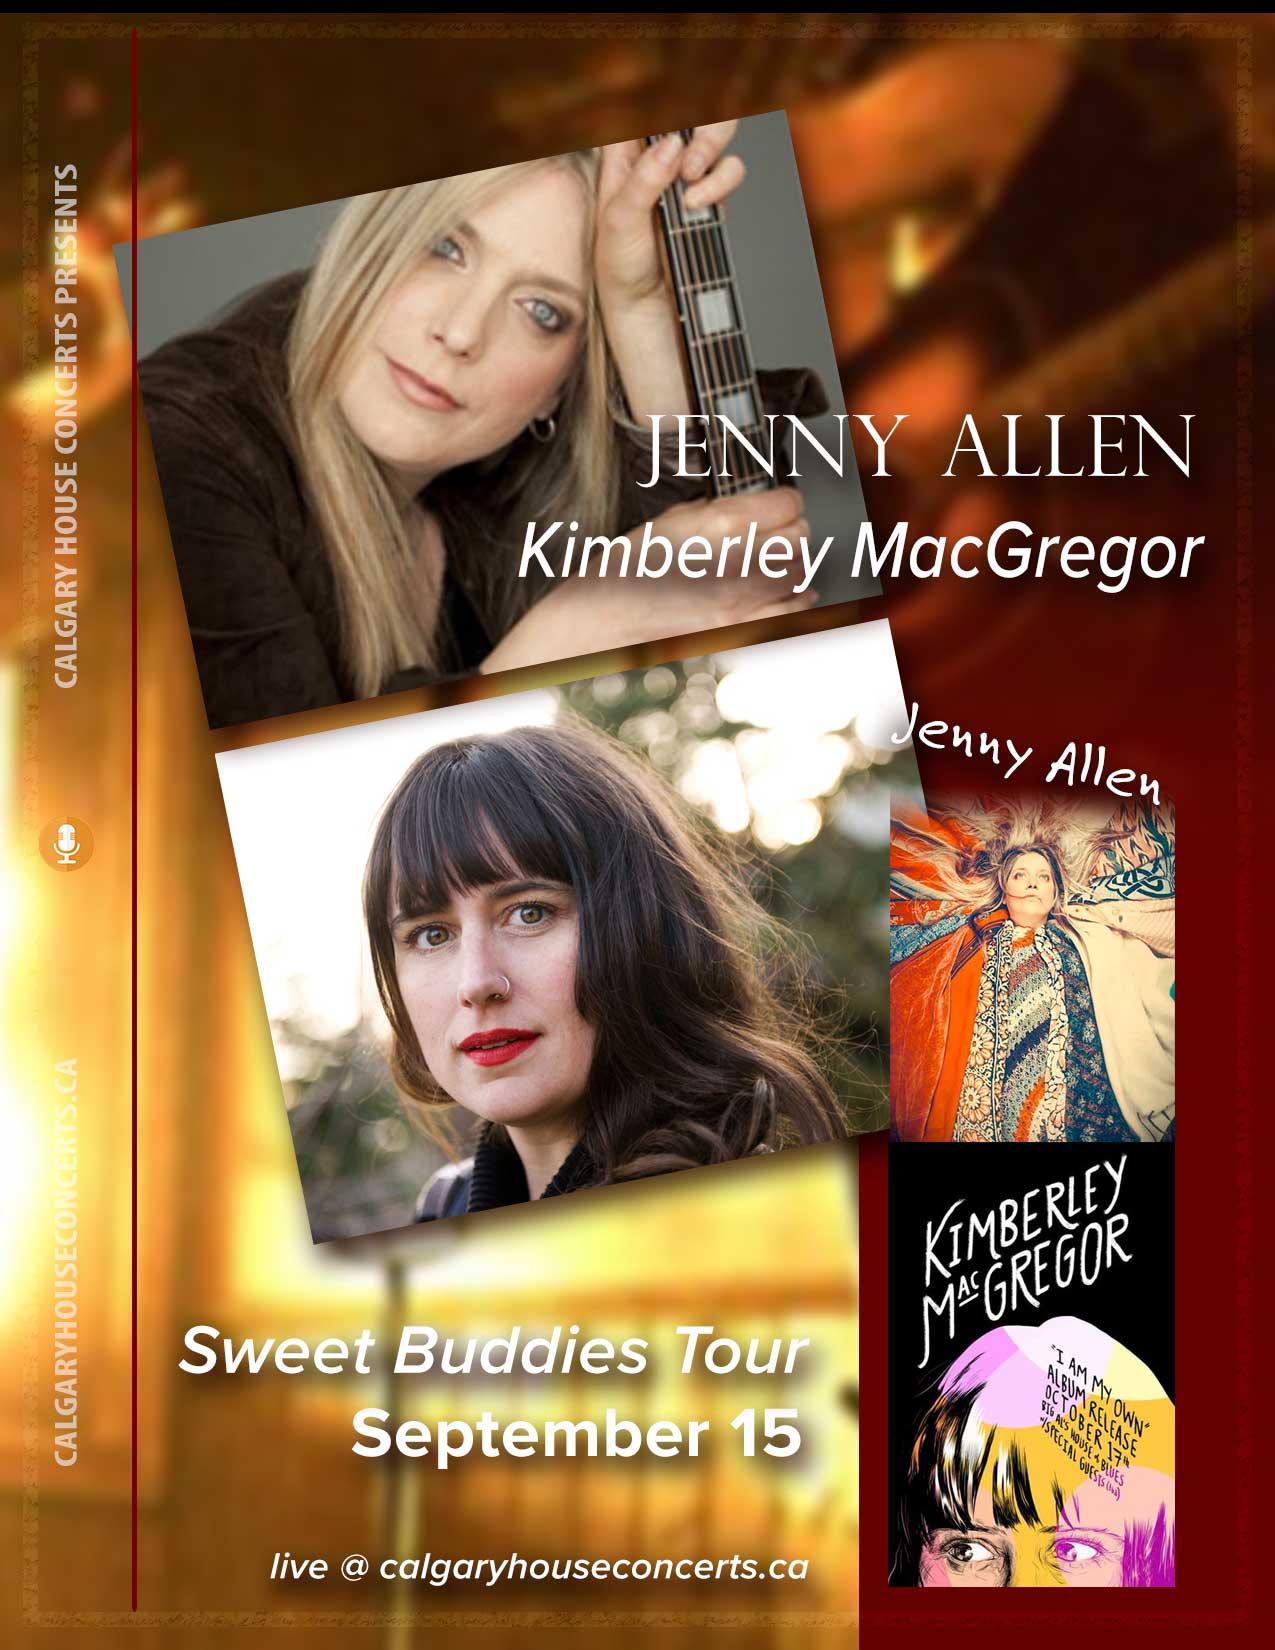 Jenny Allen and Kimberley MacGregor